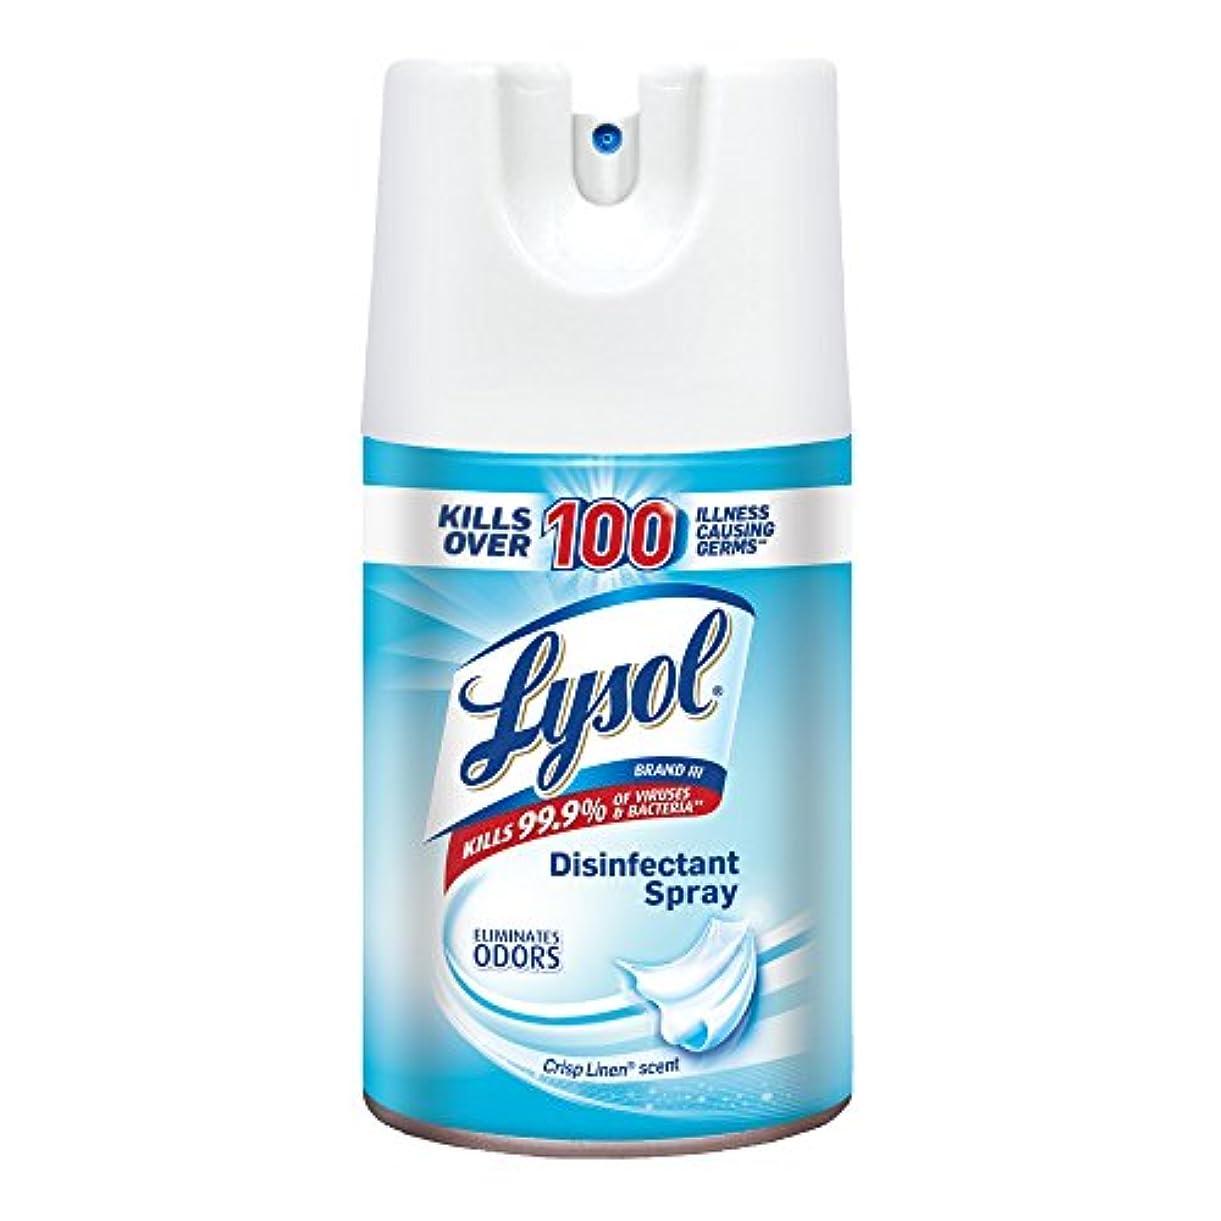 不明瞭無駄な給料Lysol Spray Lysol消毒スプレー、クリスプリネン、84Oz(12X7Oz)